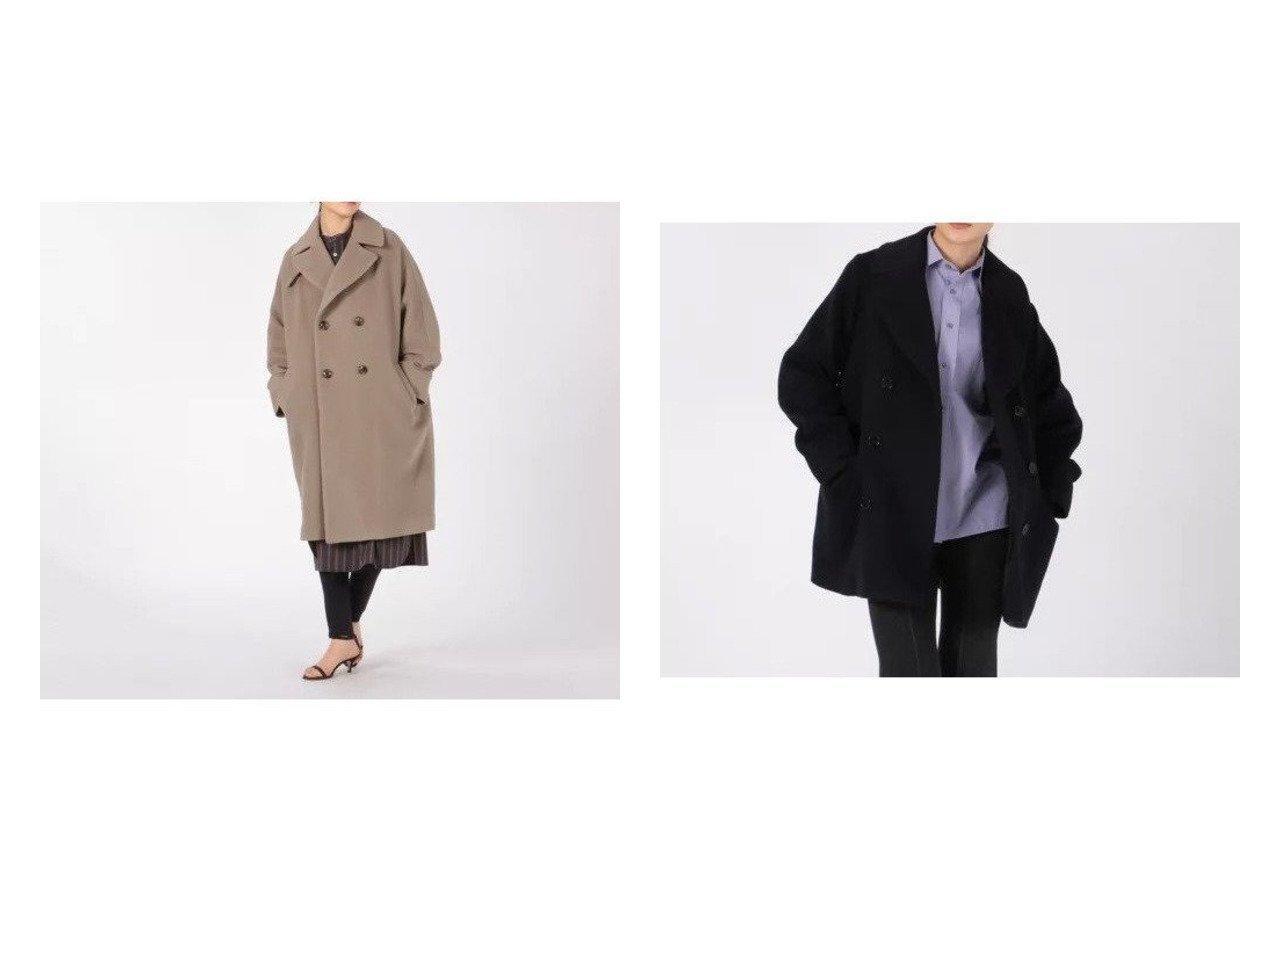 【TICCA/ティッカ】のテントコート&ピーコート 【アウター】おすすめ!人気、トレンド・レディースファッションの通販 おすすめで人気の流行・トレンド、ファッションの通販商品 インテリア・家具・メンズファッション・キッズファッション・レディースファッション・服の通販 founy(ファニー) https://founy.com/ ファッション Fashion レディースファッション WOMEN アウター Coat Outerwear コート Coats チェスターコート Top Coat Pコート Pea Coats A/W・秋冬 AW・Autumn/Winter・FW・Fall-Winter チェスターコート 人気 今季 定番 Standard おすすめ Recommend スタンダード  ID:crp329100000056366